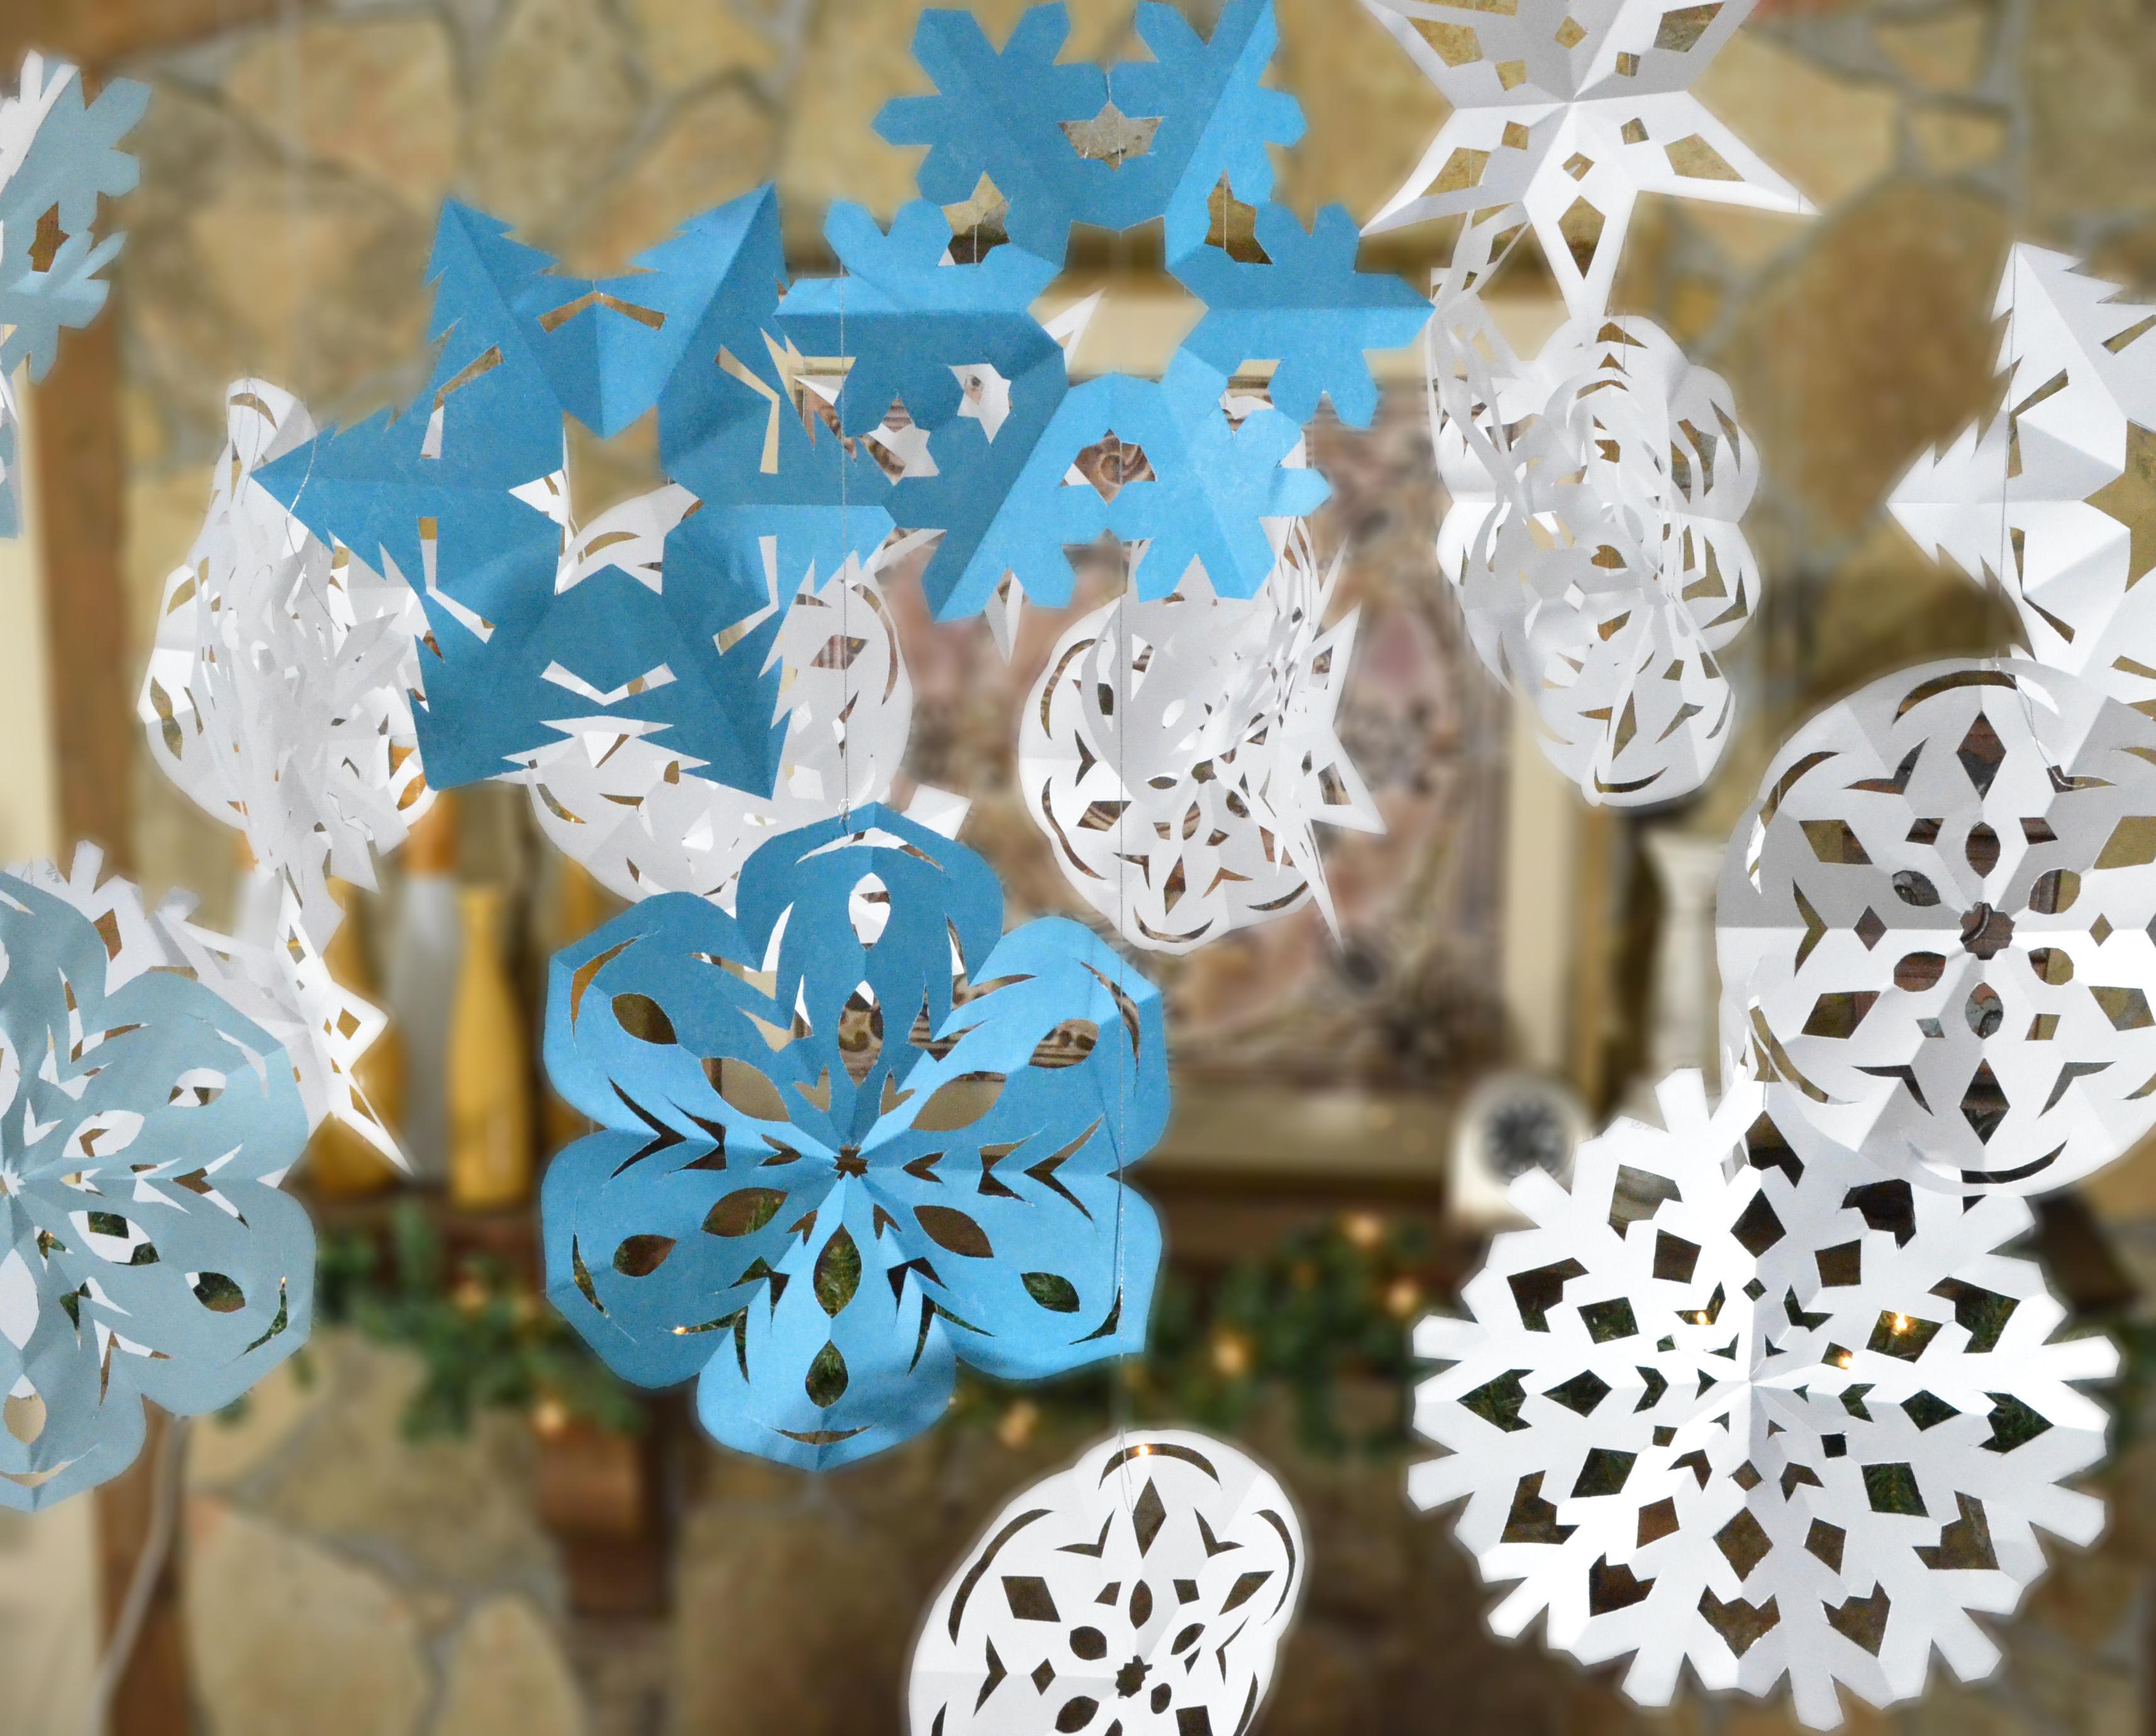 Снежинки из бумаги: кружевной декор для новогоднего интерьера (62 фото)